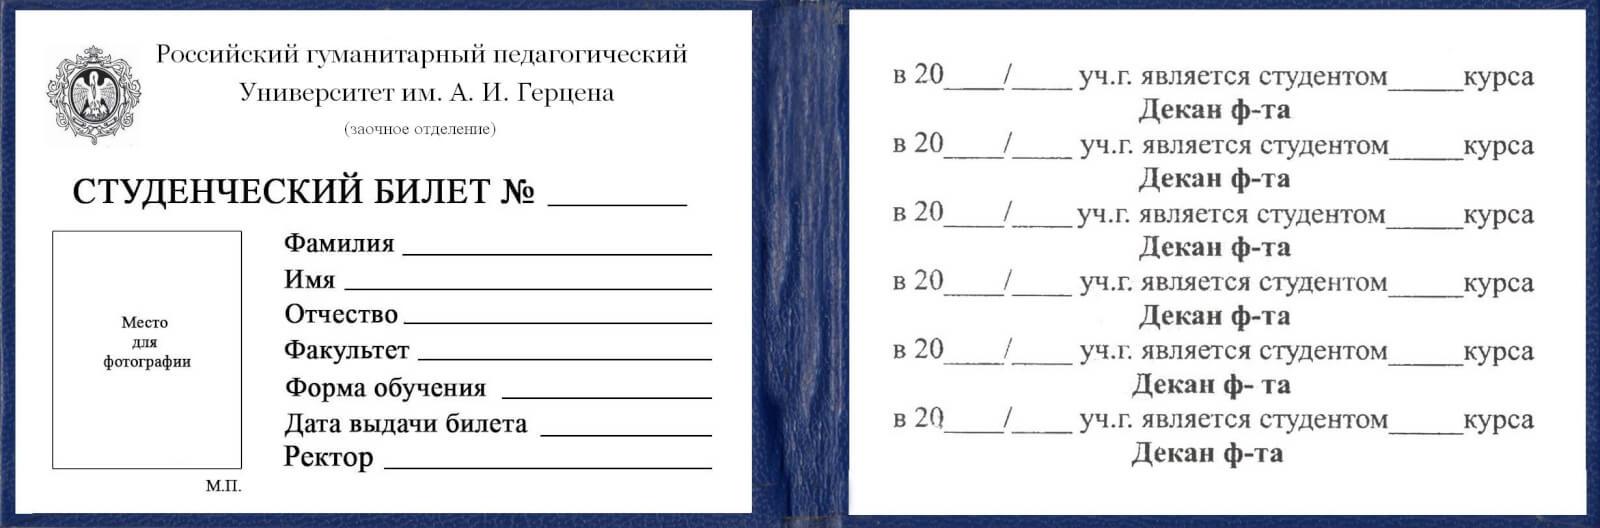 Студенческий билет: что это такое и какие льготы дает студентам